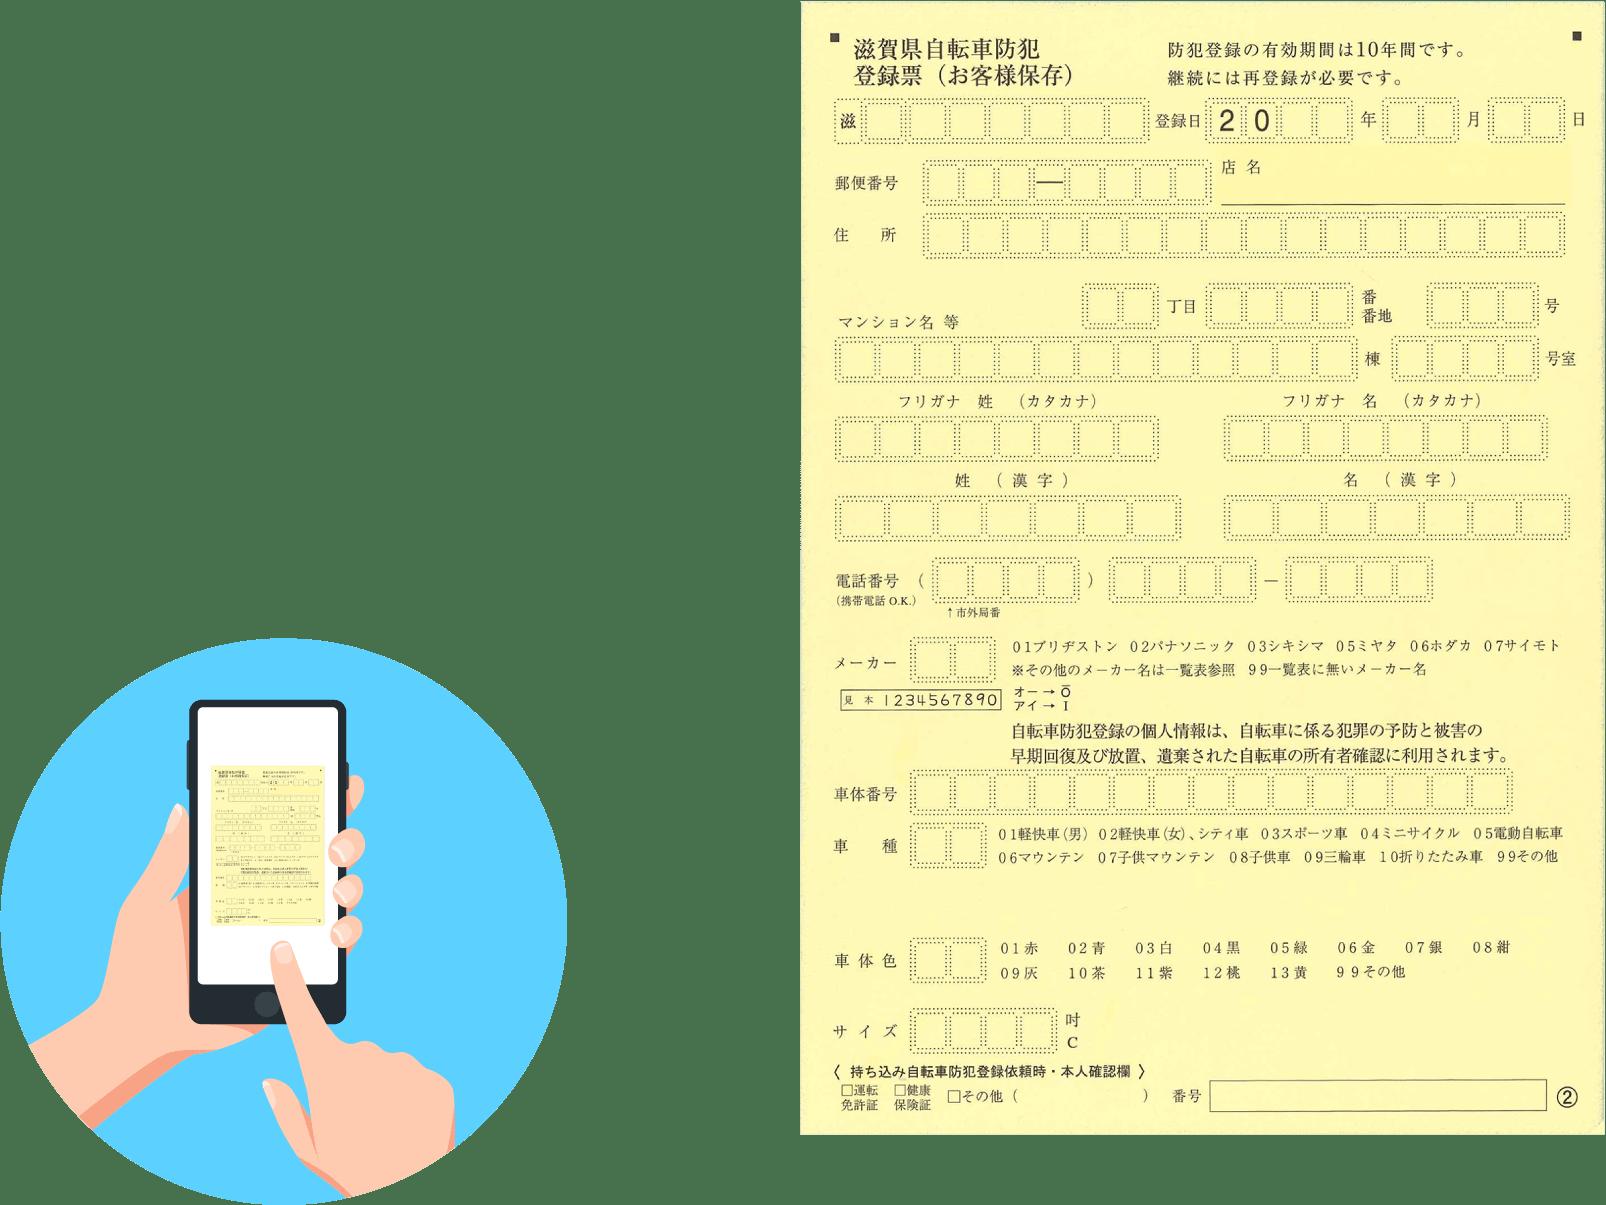 防犯登録票